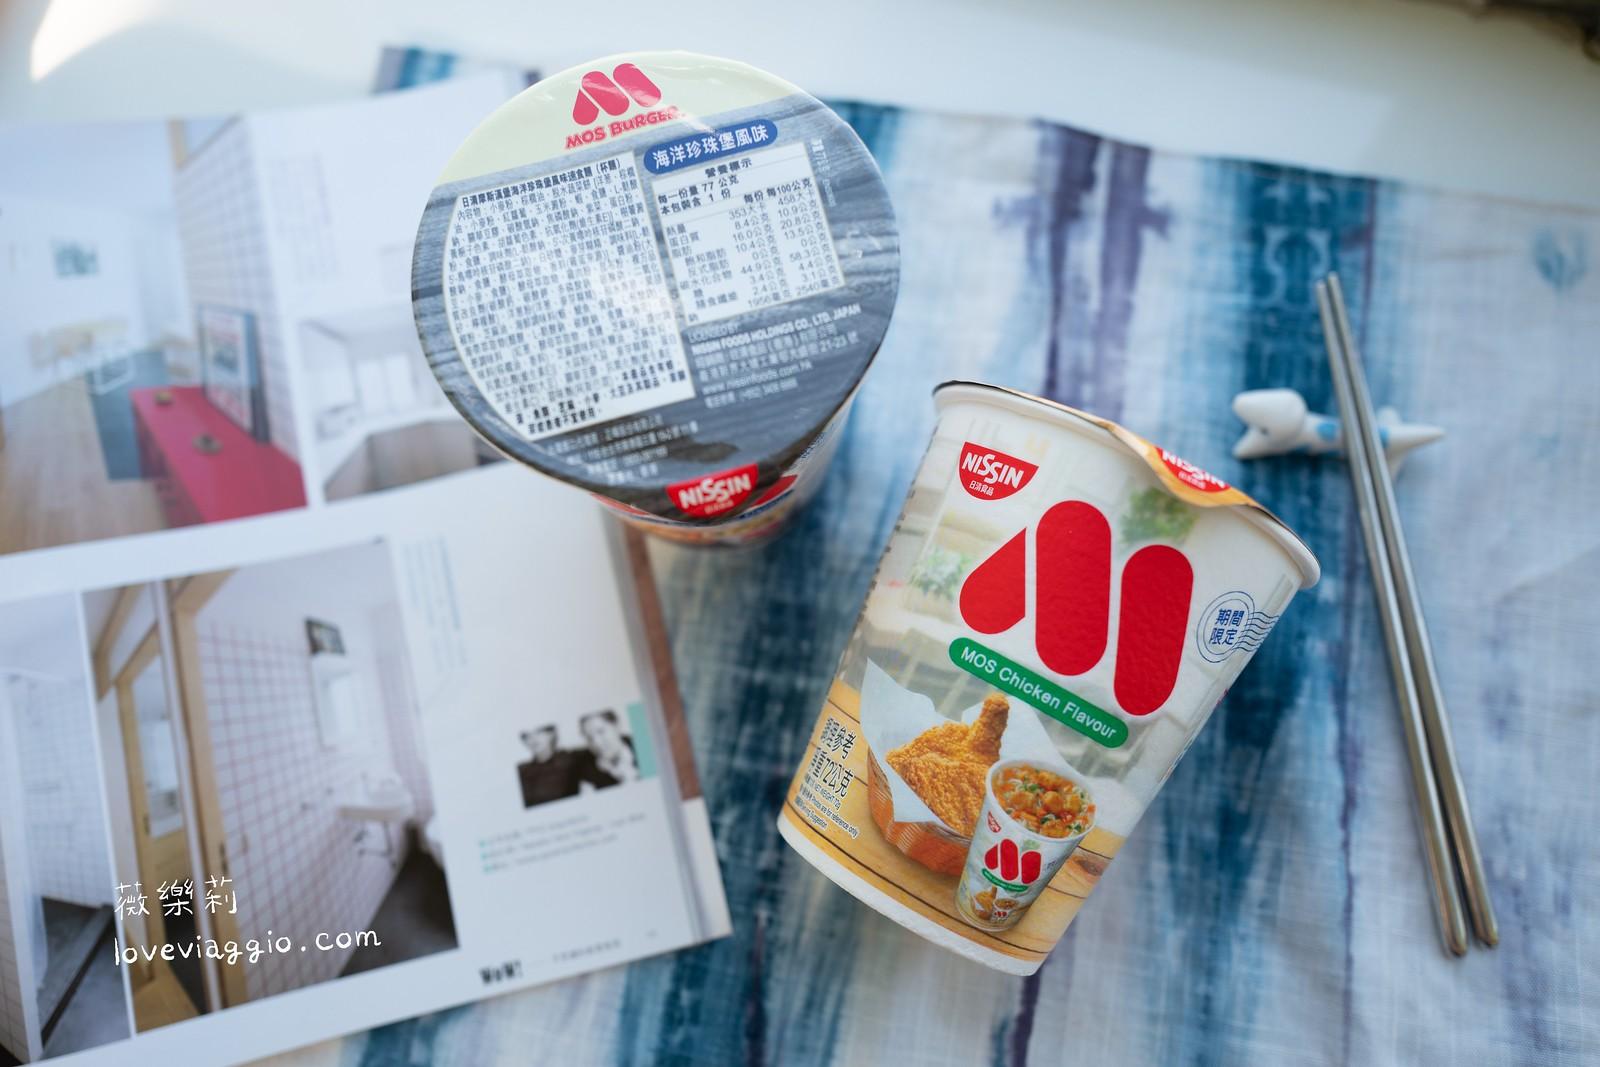 日清杯麵 X 摩斯漢堡 限量新口味 和風炸雞與海洋珍珠堡 @薇樂莉 Love Viaggio | 旅行.生活.攝影